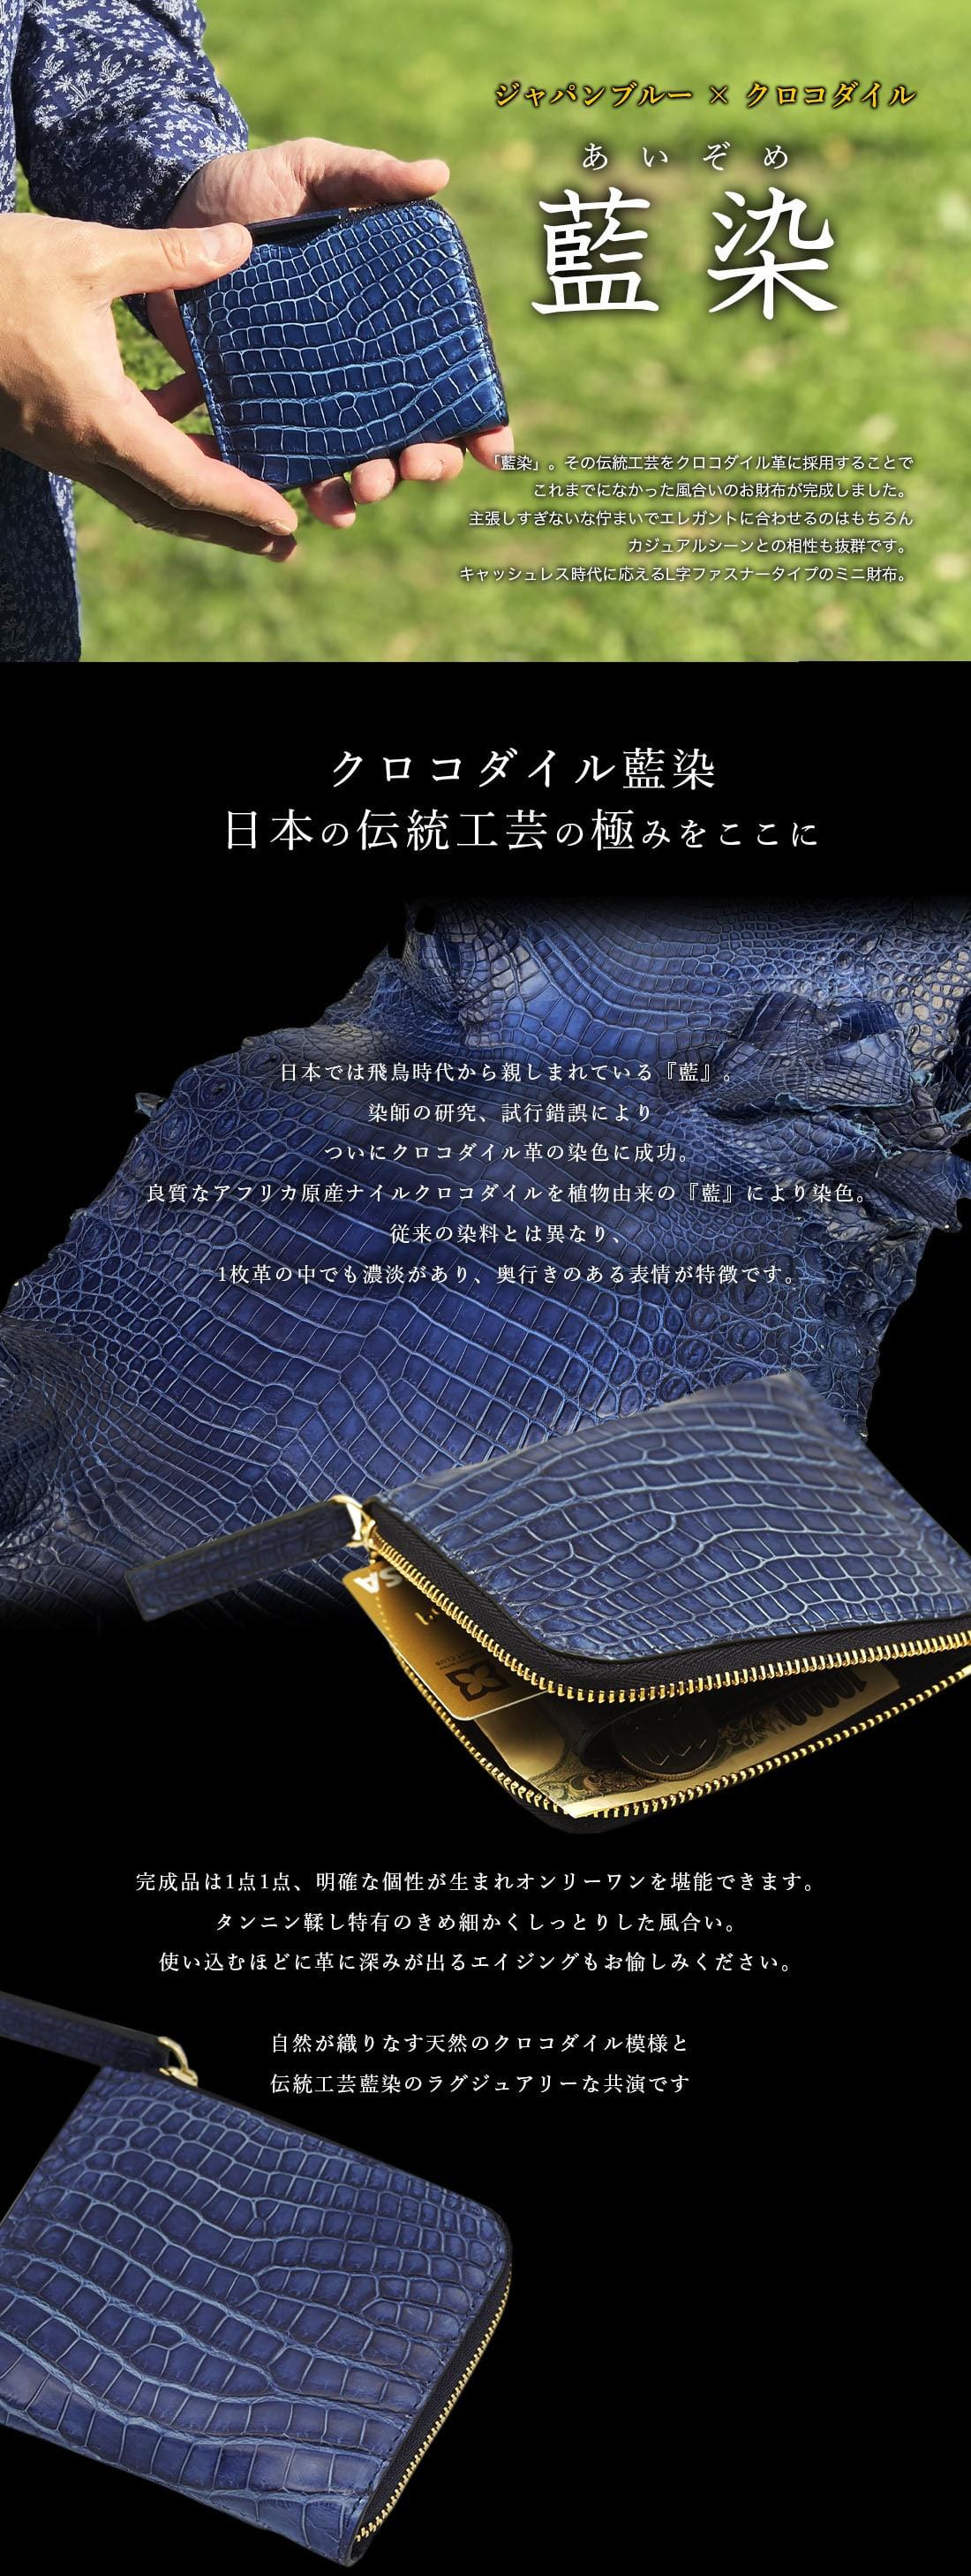 ナイルクロコダイルL字ファスナーミニ財布藍染